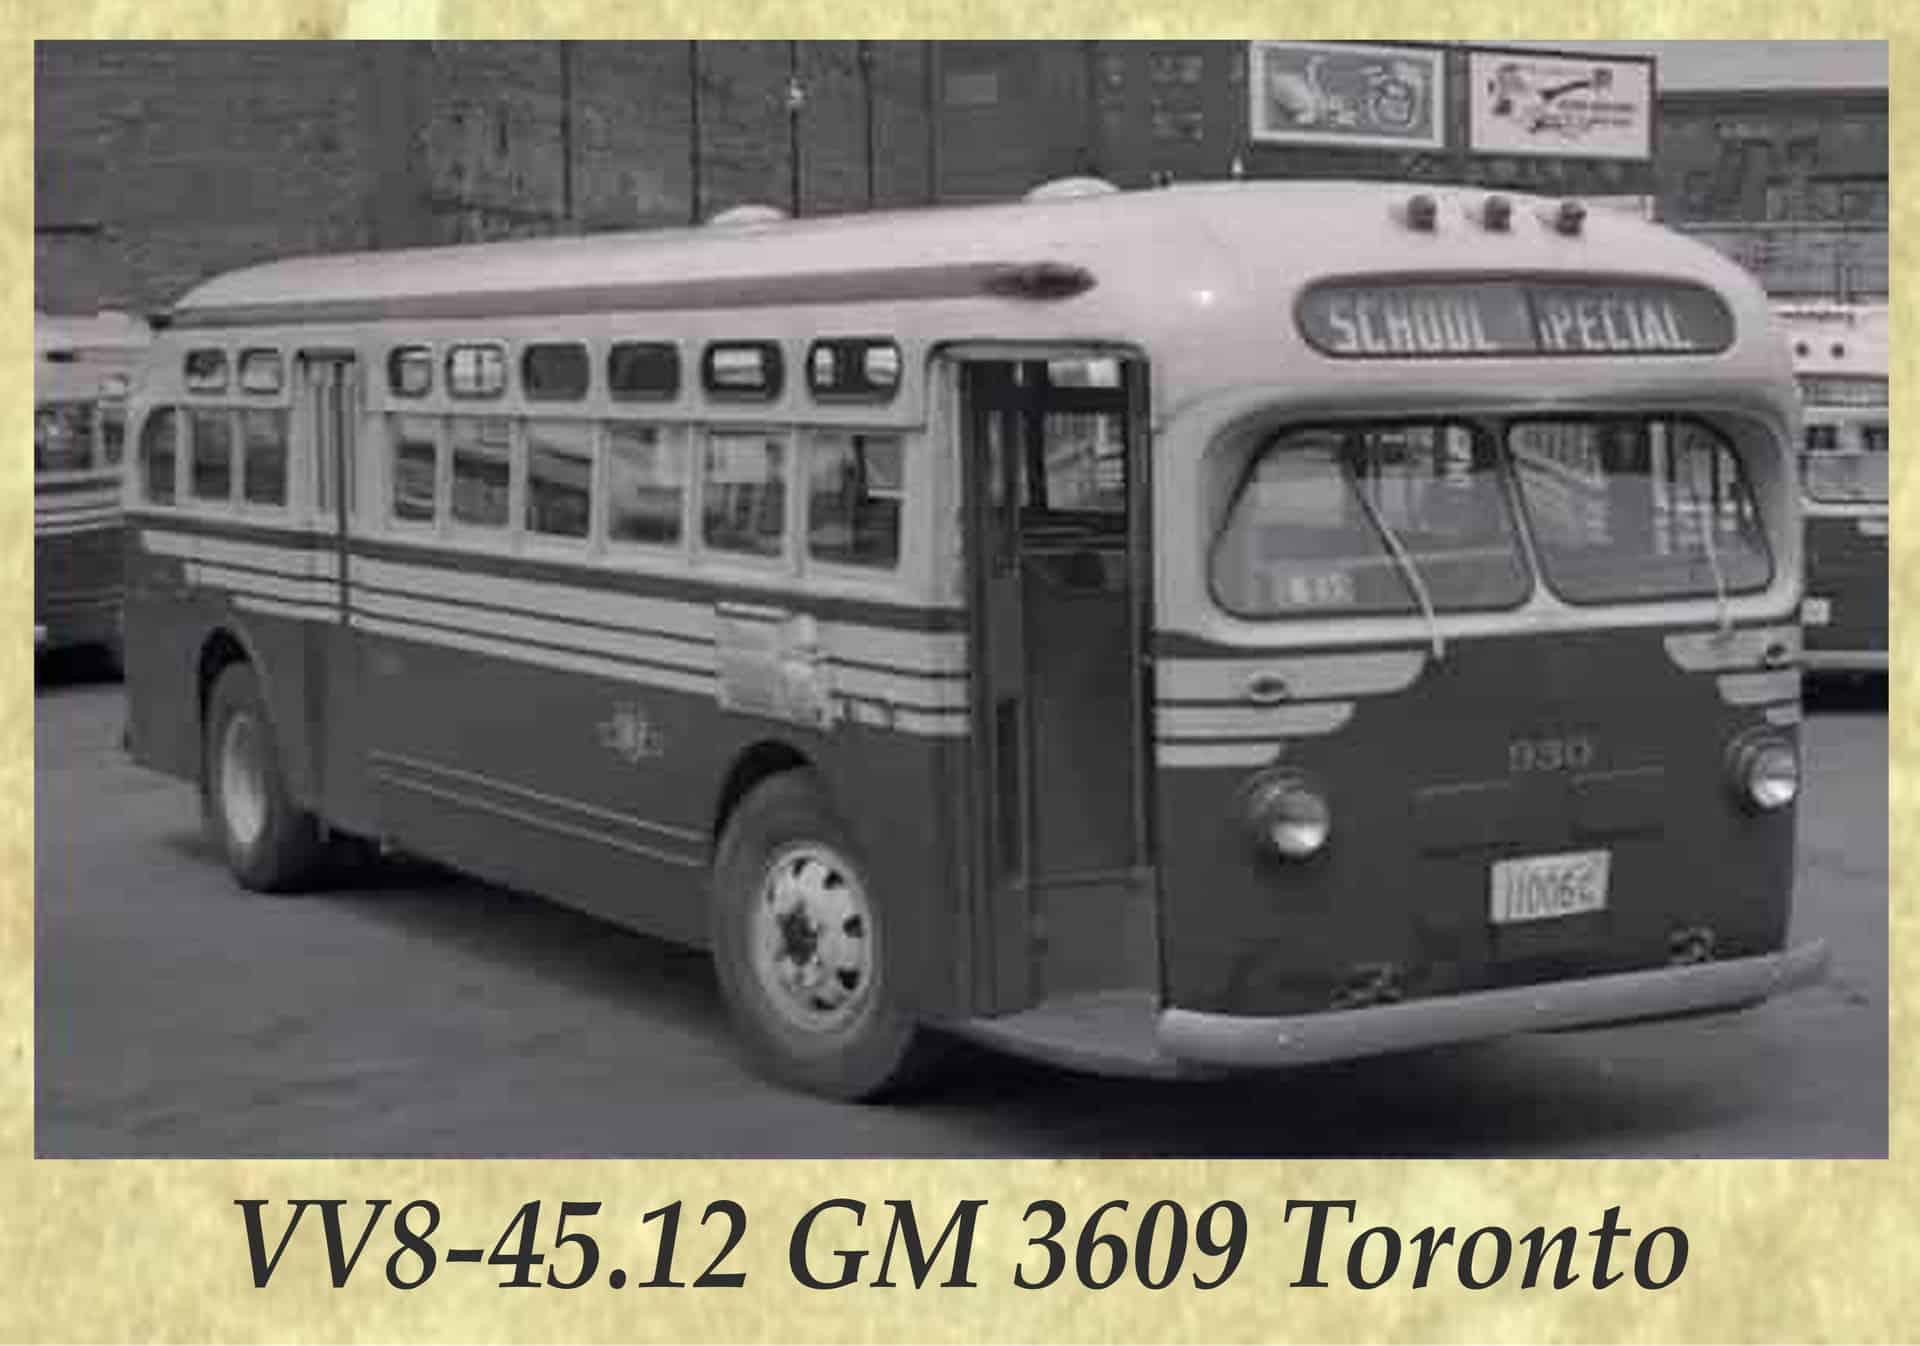 VV8-45.12 GM 3609 Toronto